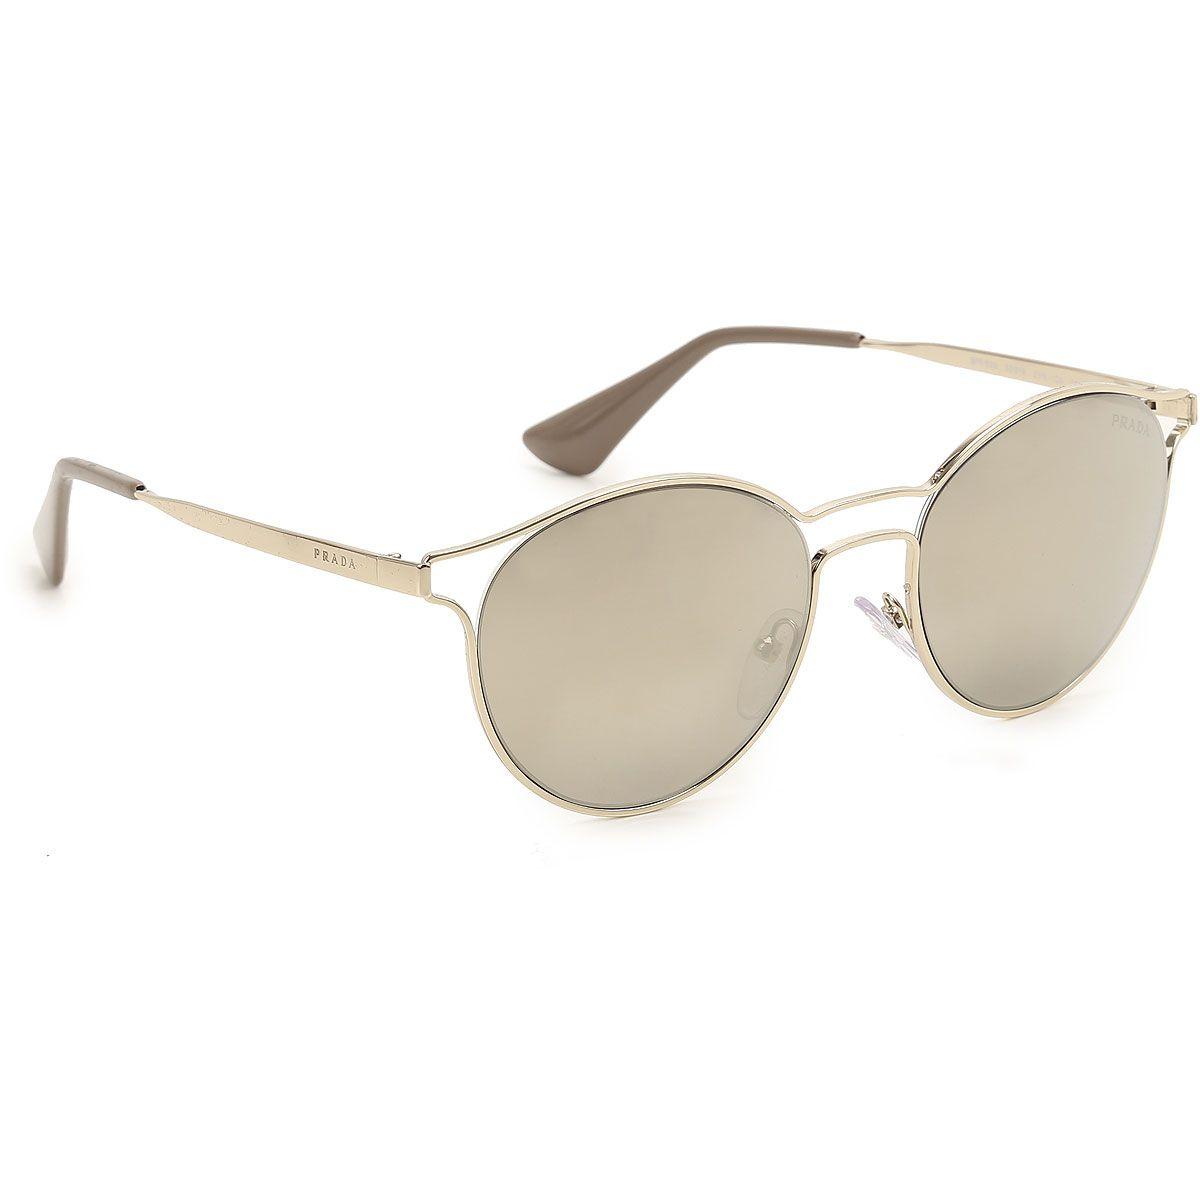 17ab6644fed0f Óculos de Sol Feminino Prada SPR62S ZVN-1C0 - Omega Ótica e Relojoaria